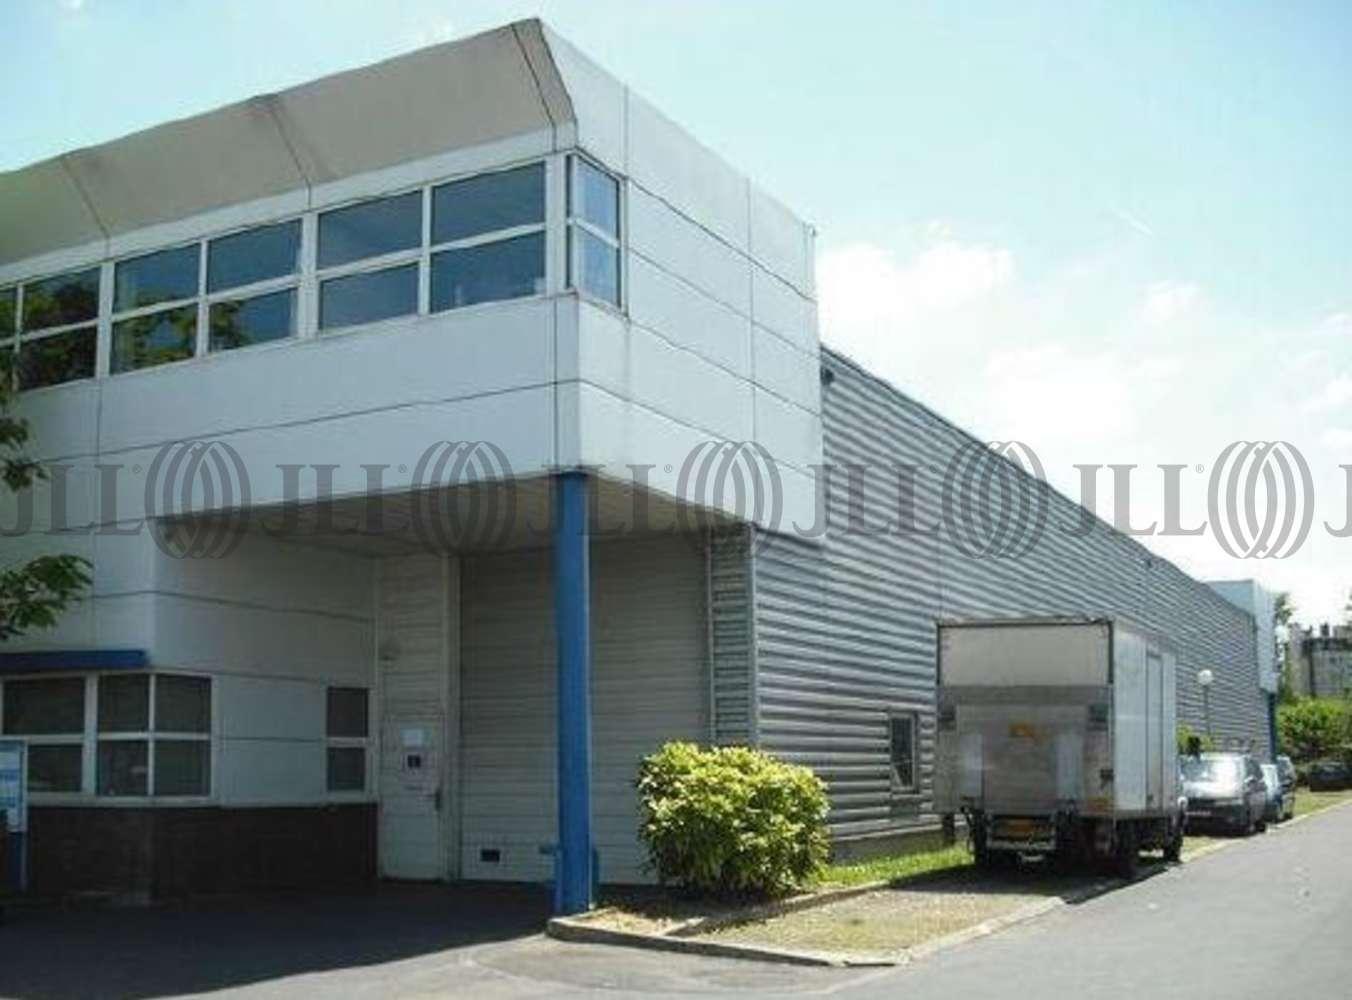 Activités/entrepôt Bondy, 93140 - 73-79 AVENUE DU 14 JUILLET